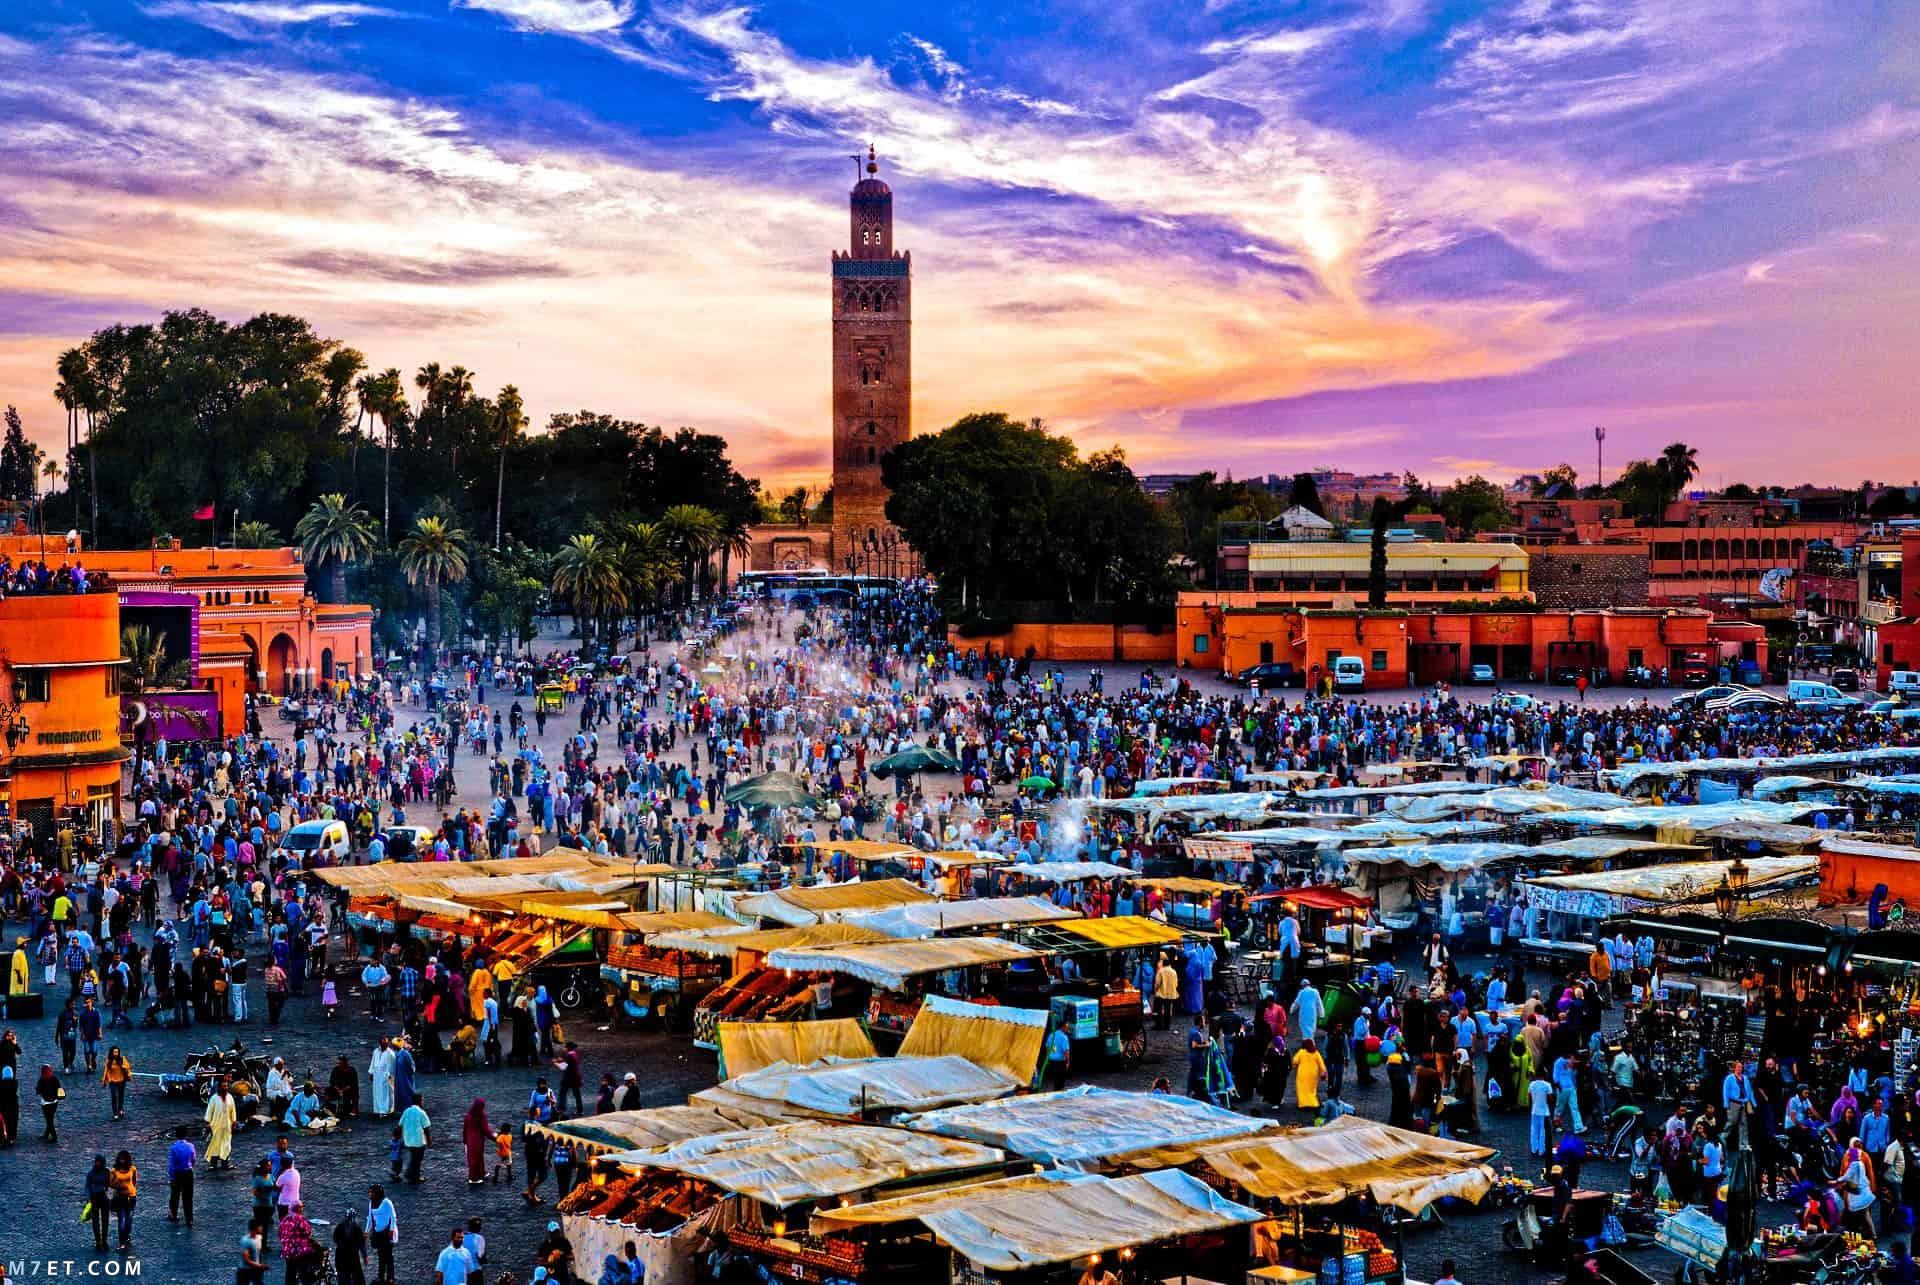 أجمل مناطق في المغرب